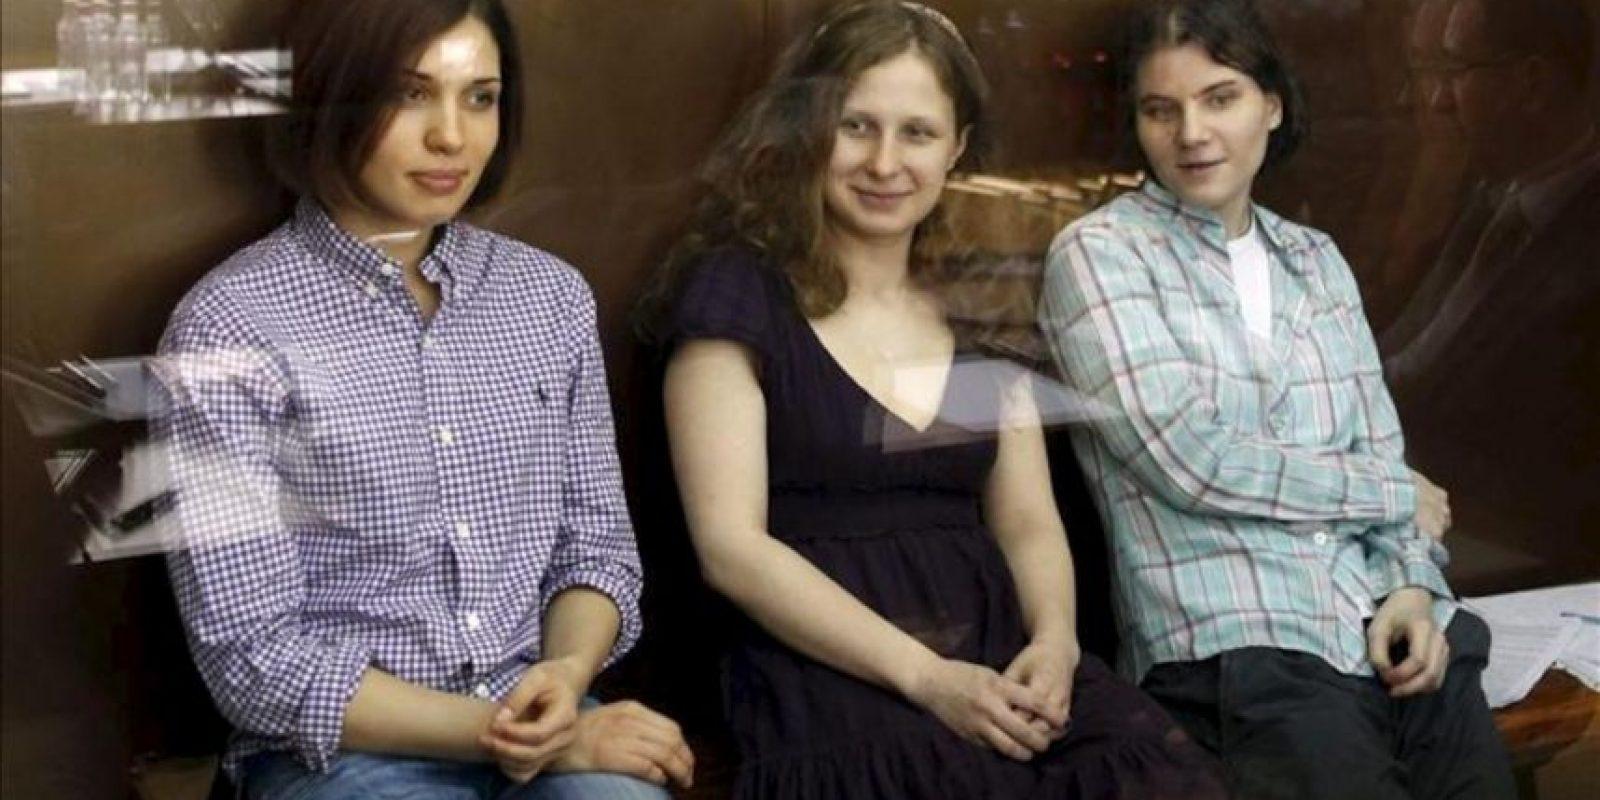 """Las tres integrantes del grupo de punk """"Pussy Riot"""" Nadezhda Tolokonnikova (izq), Yekaterina Samutsevich (der) y Maria Aliokhina (c) se sientan en el banquillo de los acusados en una zona acristalada, a la espera de que comience la sesión de juicio en el juzgado del distrito Khamovnichesky en Moscú, Rusia. EFE"""